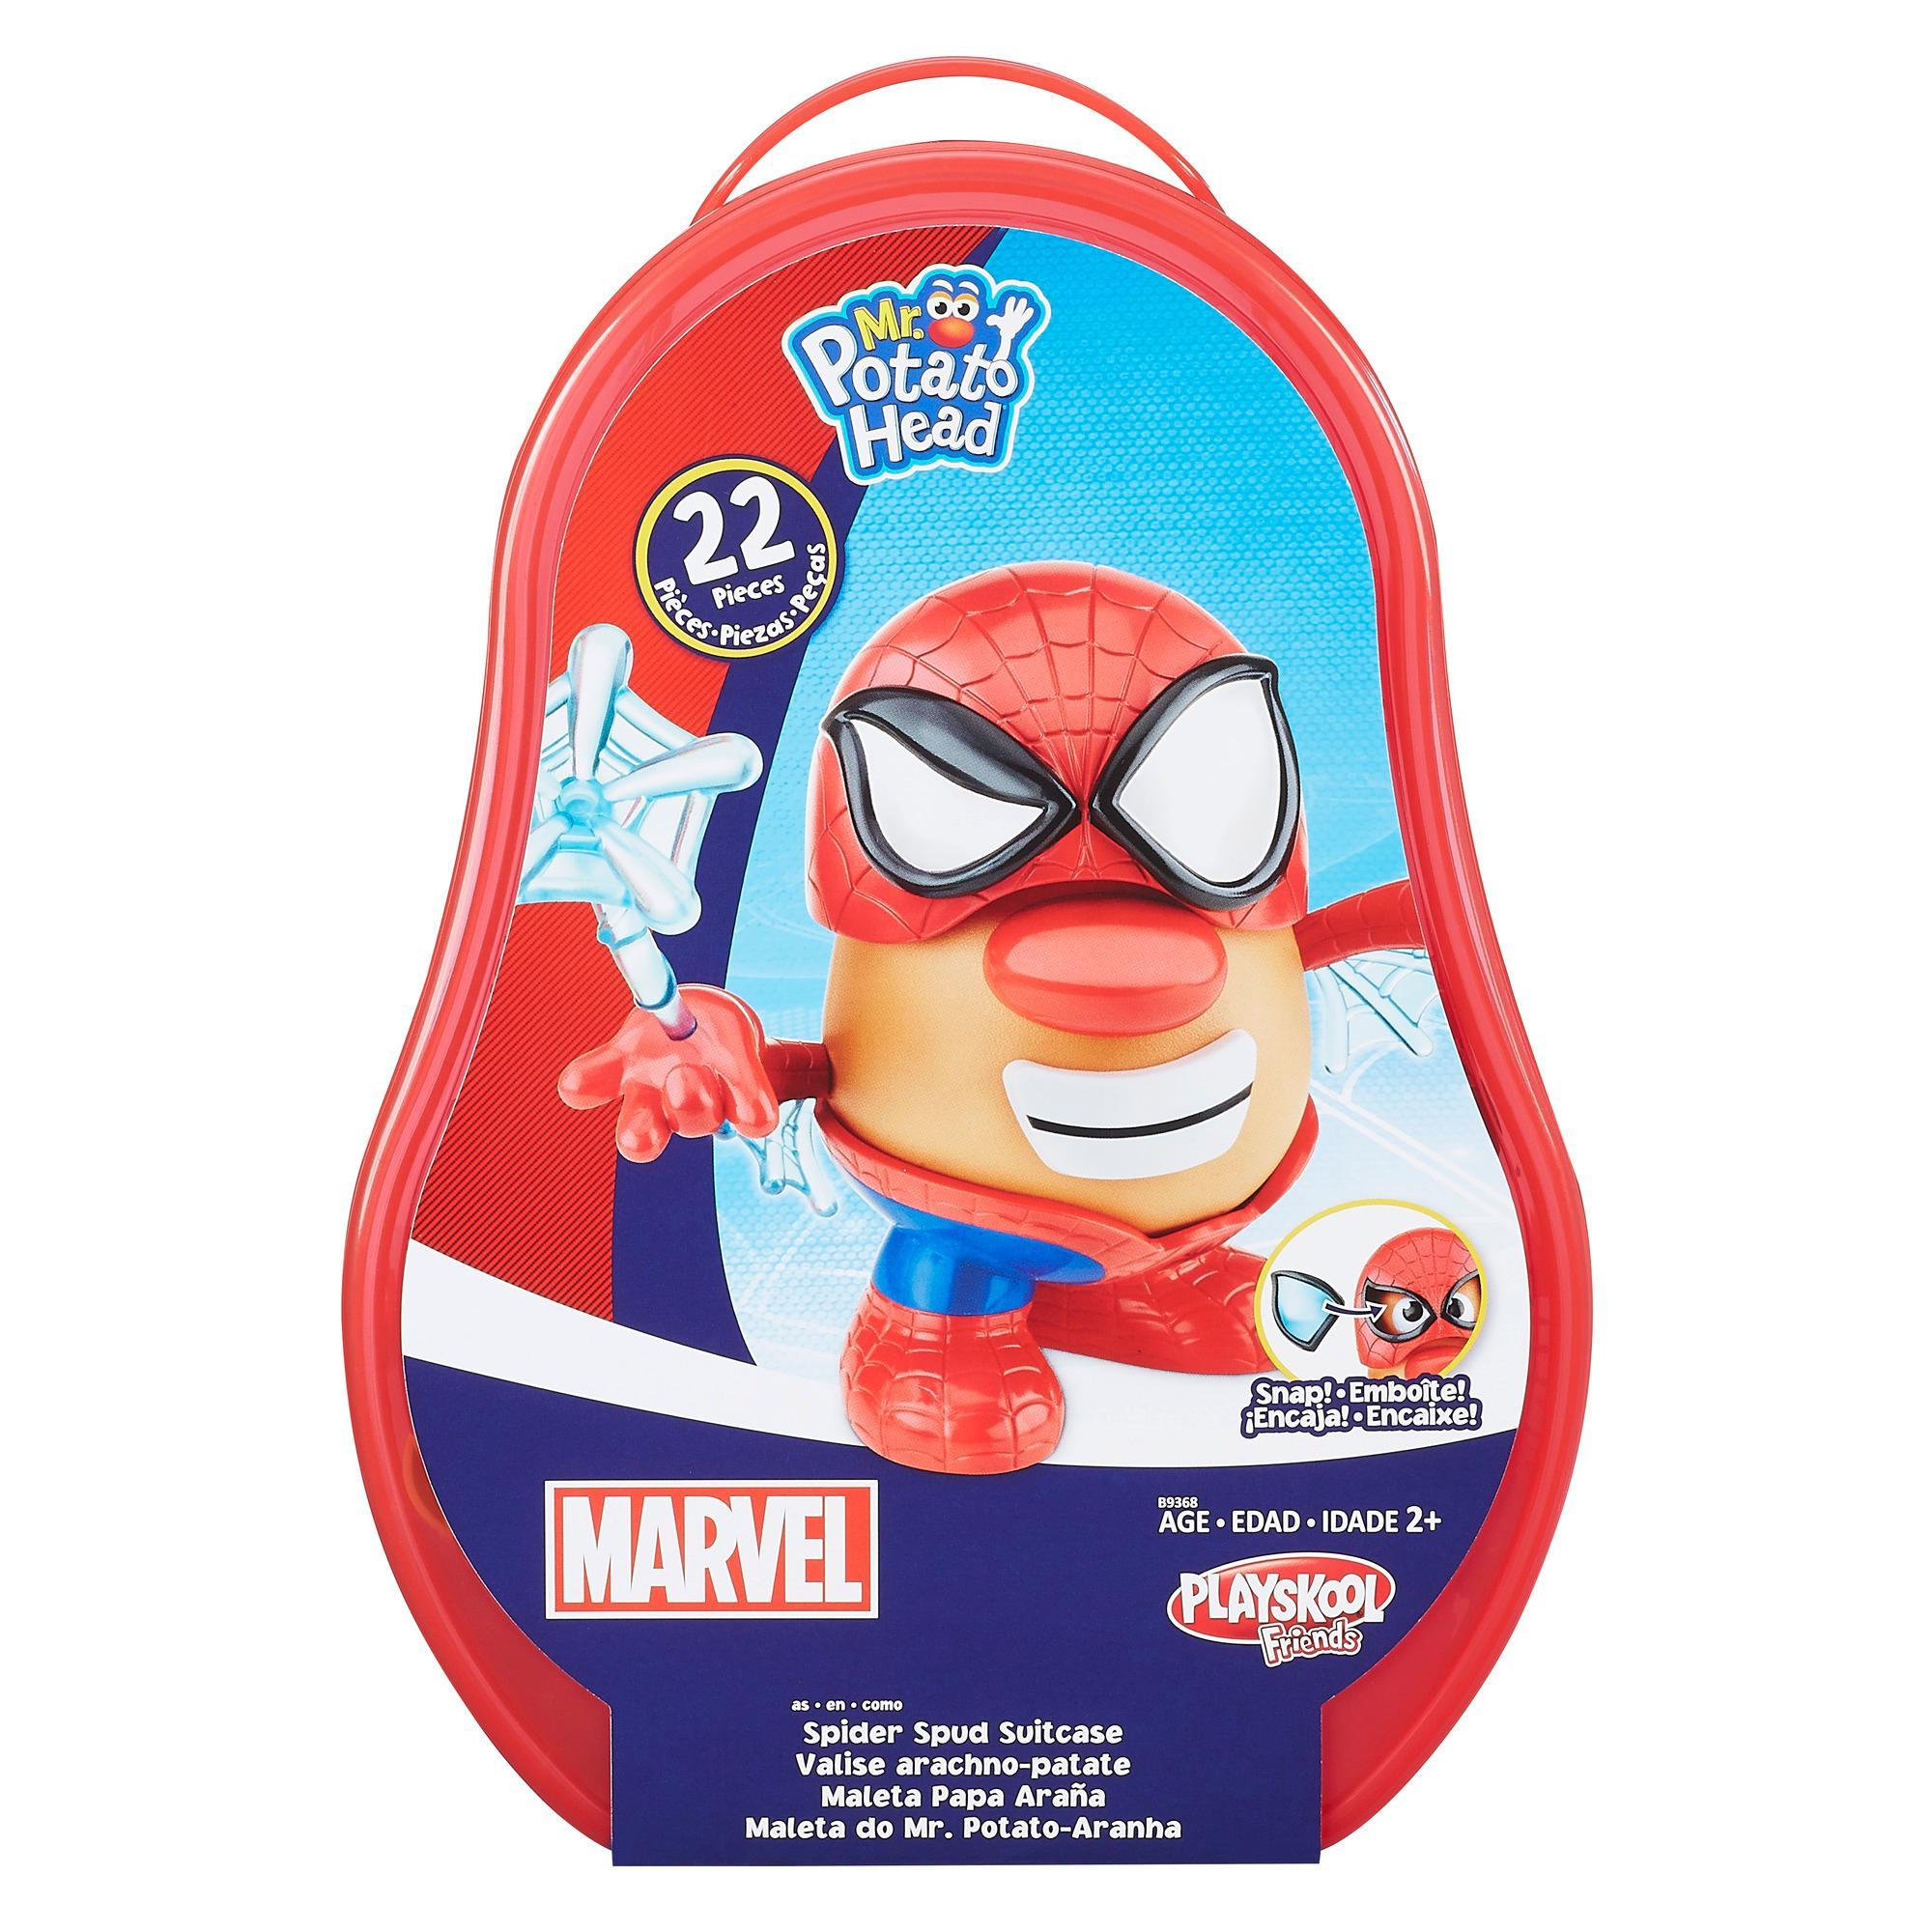 SPIDER-MAN MALETIN